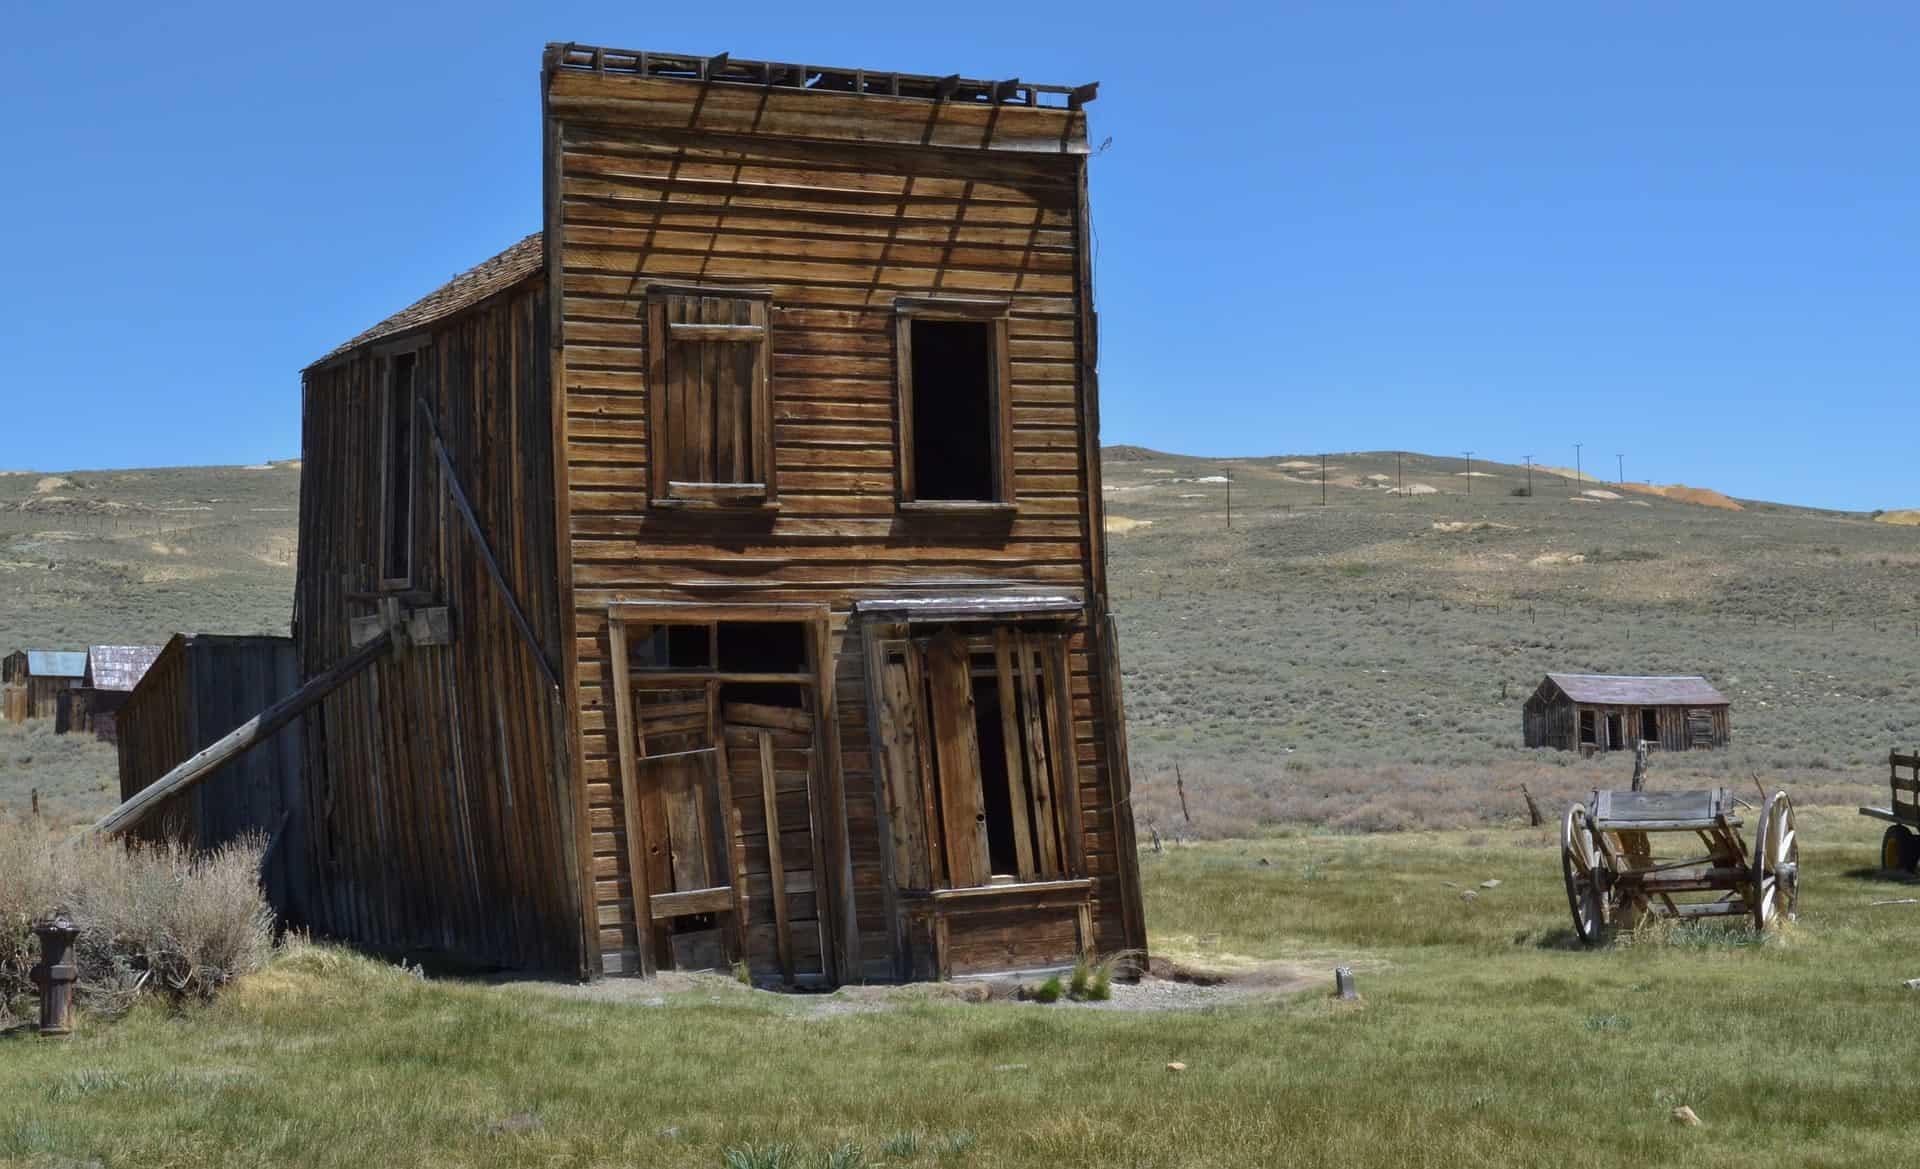 5 imperdibili ghost town americane da visitare nel Nord America